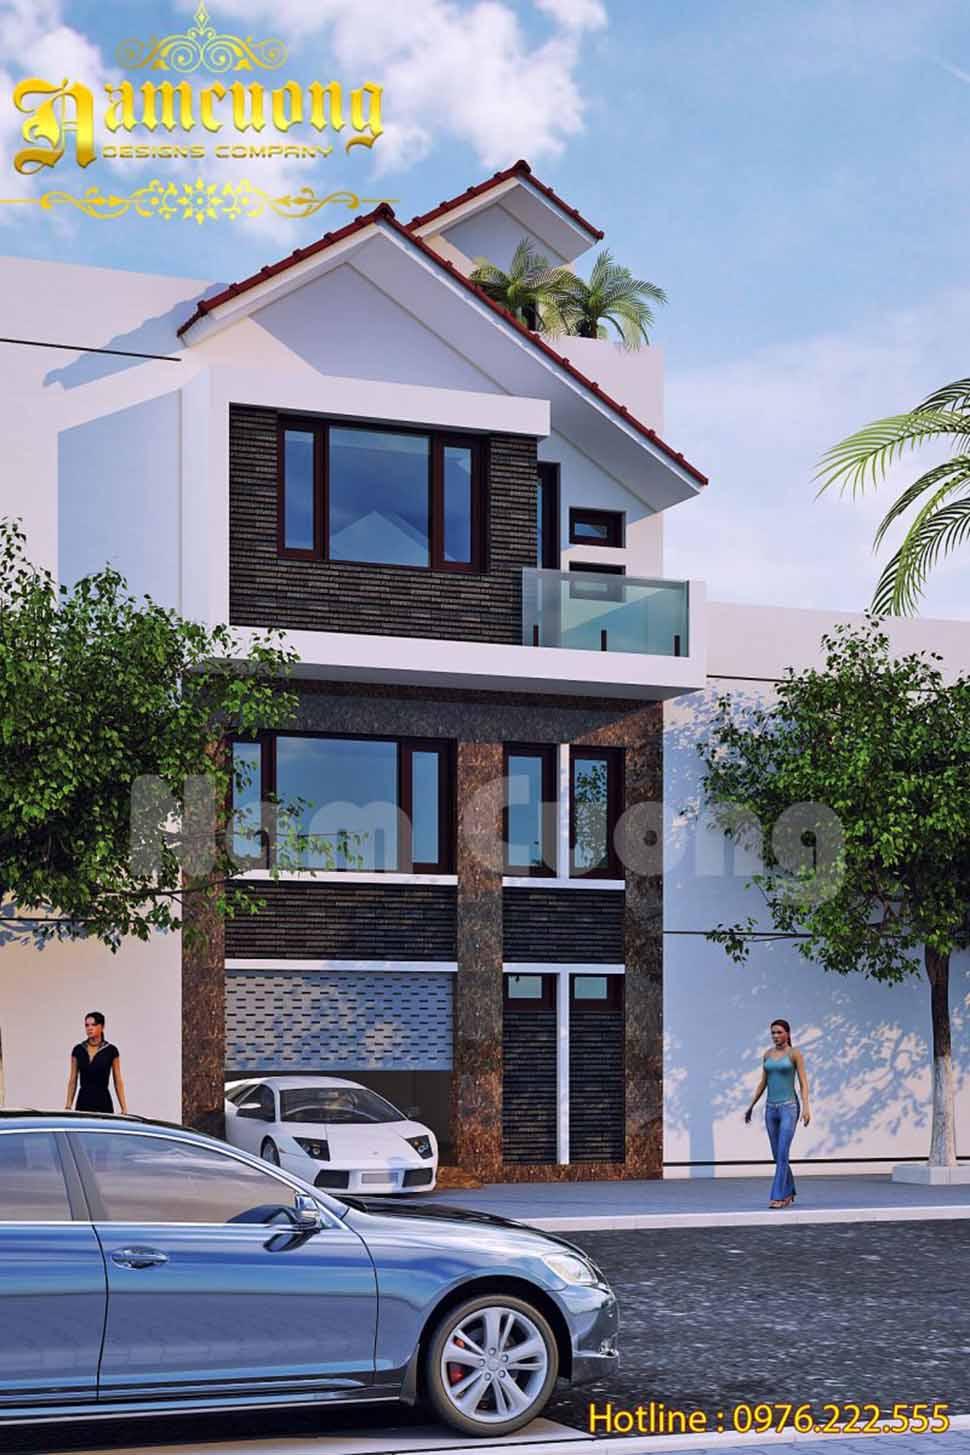 Thiết kế biệt thự phong cách hiện đại 3 tầng với mặt tiền chỉ 5,5m